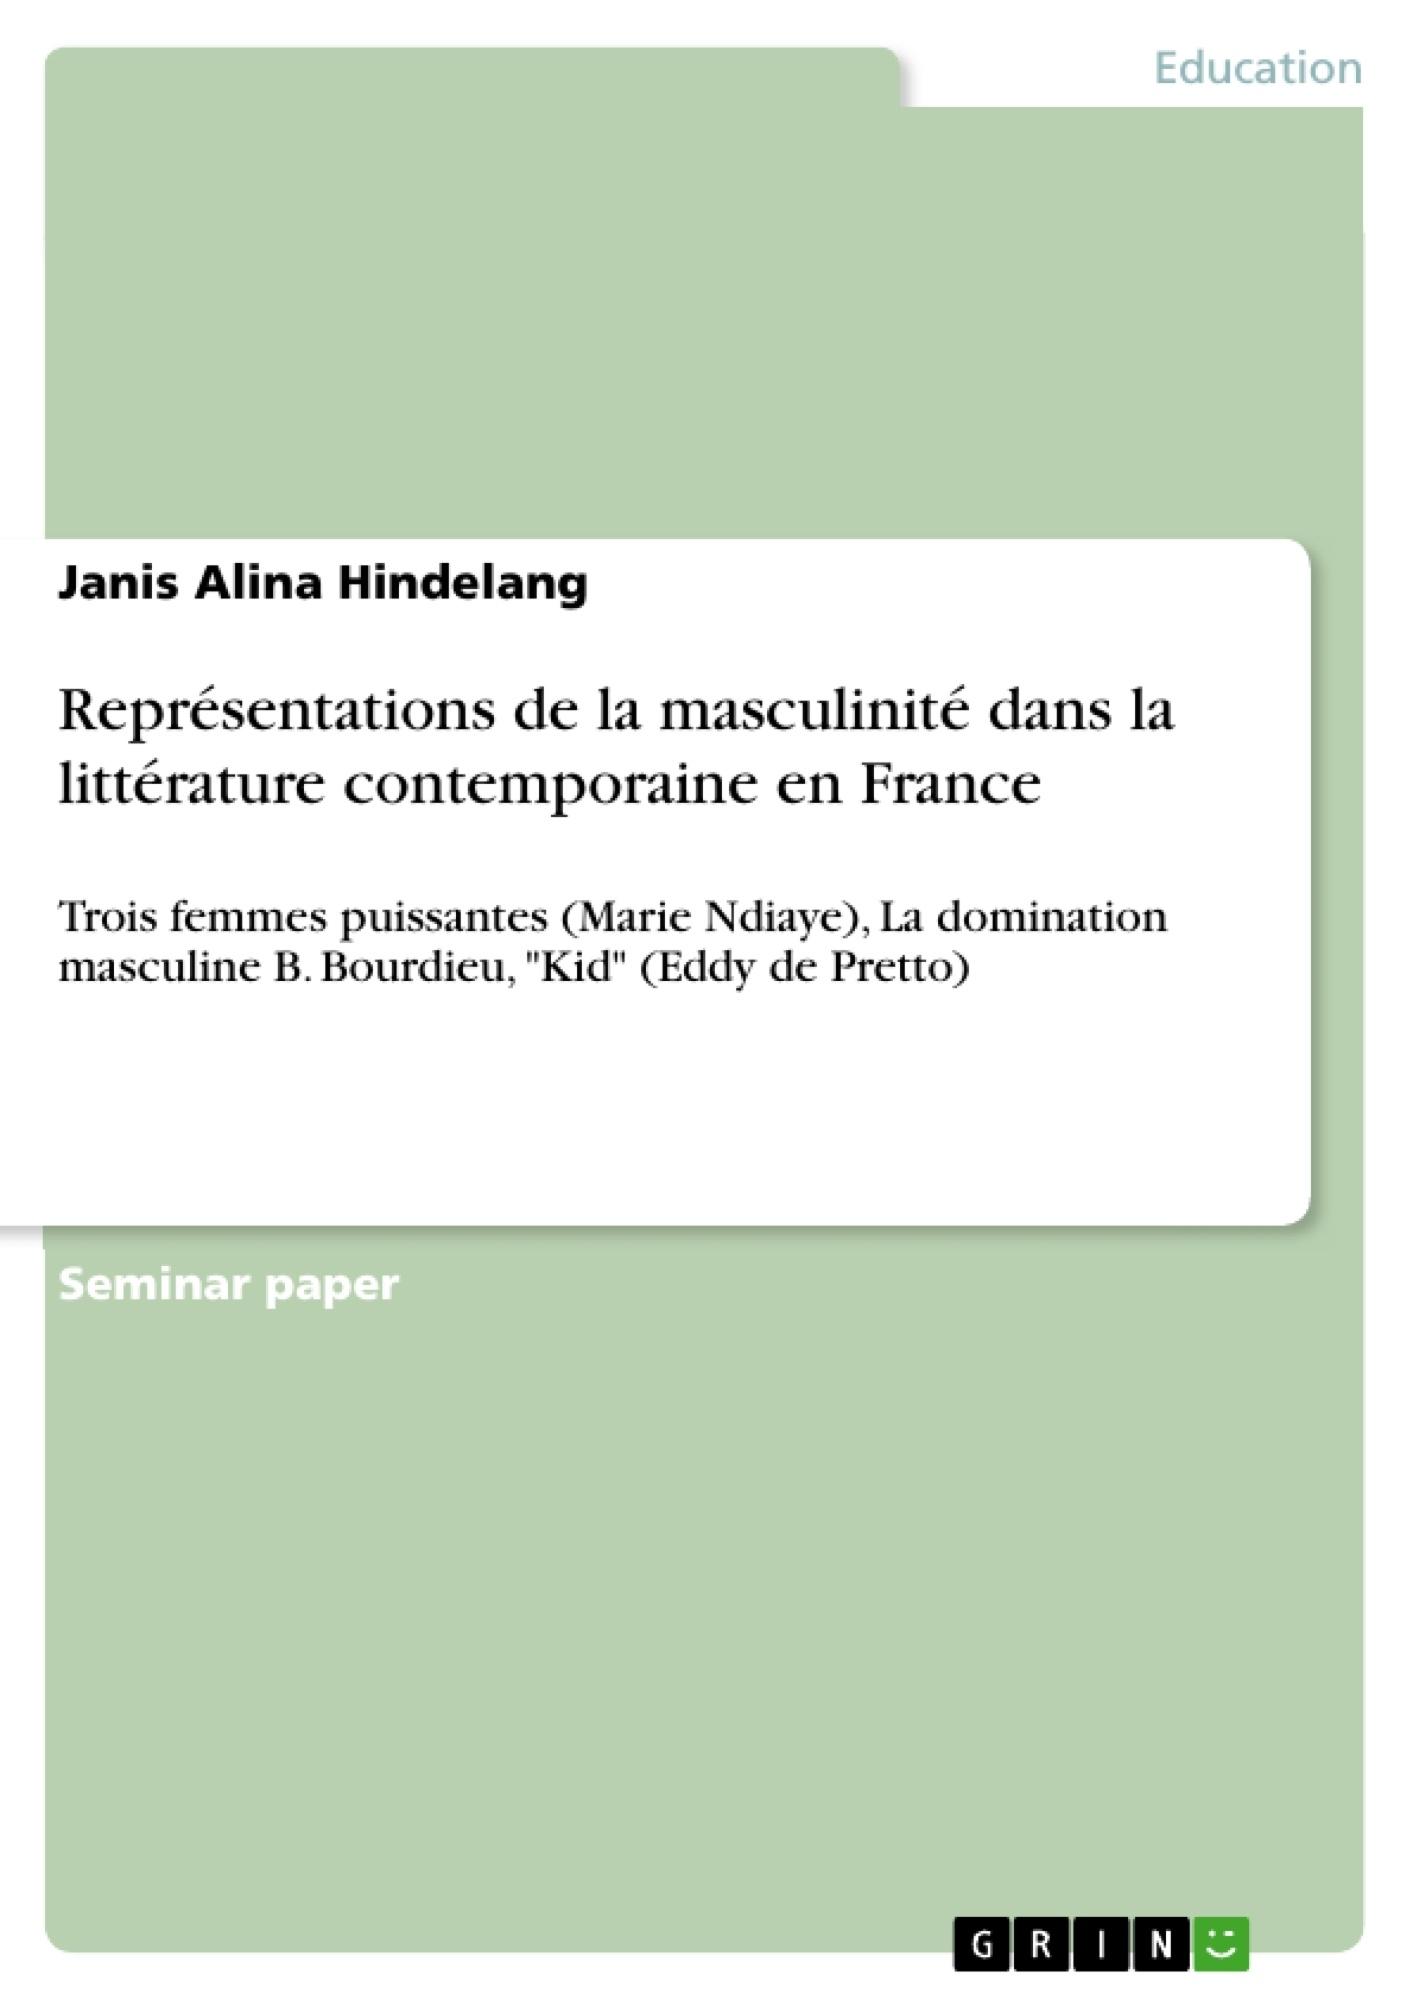 Titre: Représentations de la masculinité dans la littérature contemporaine en France